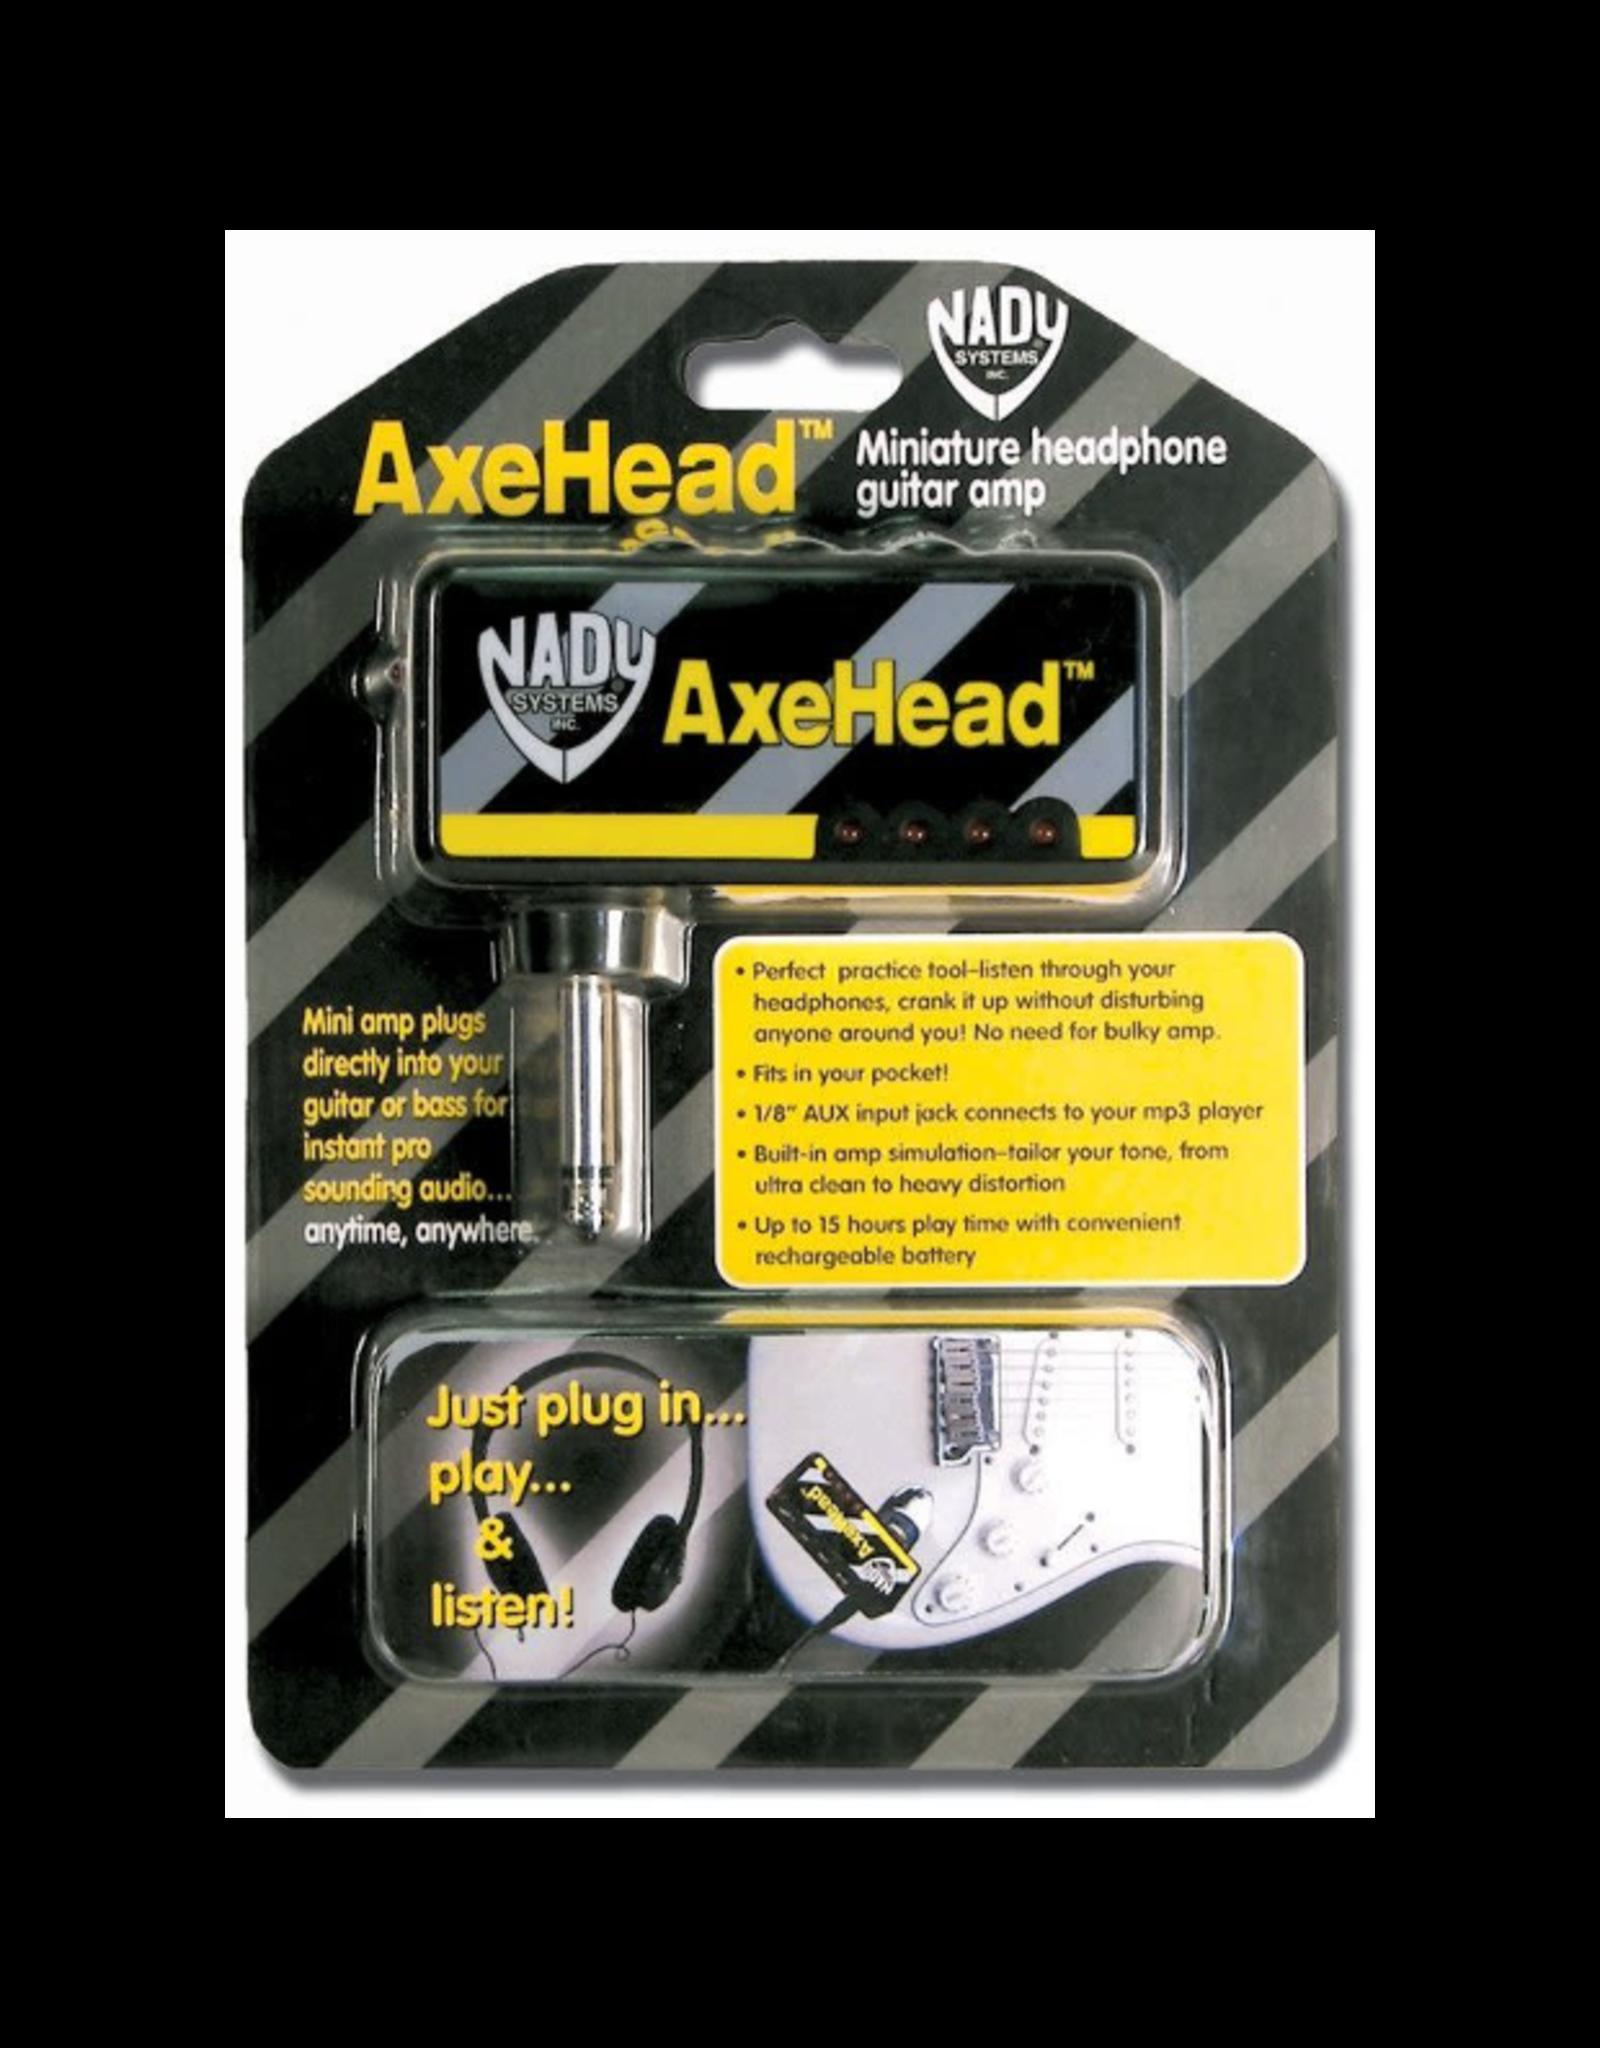 Nady Sysytems Nady AxeHead Miniature Headphone Guitar Amp